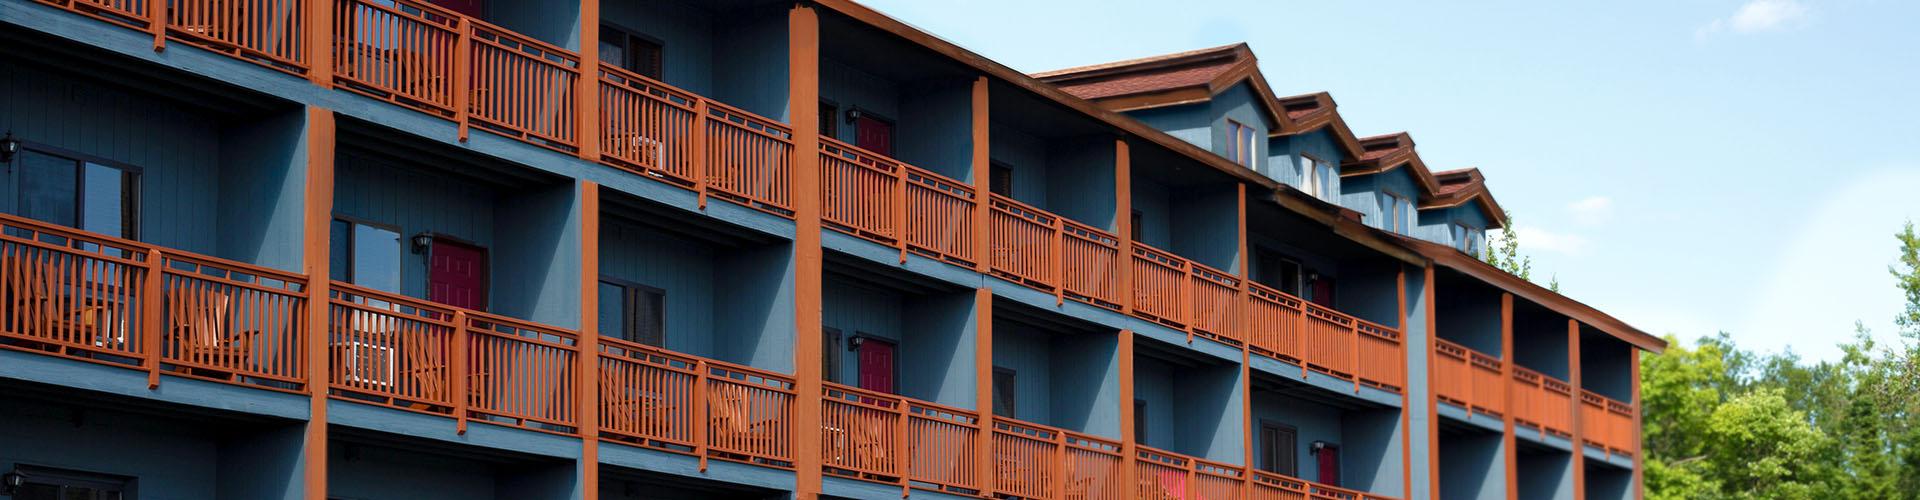 WEI_Plain-Building_hHeader-19